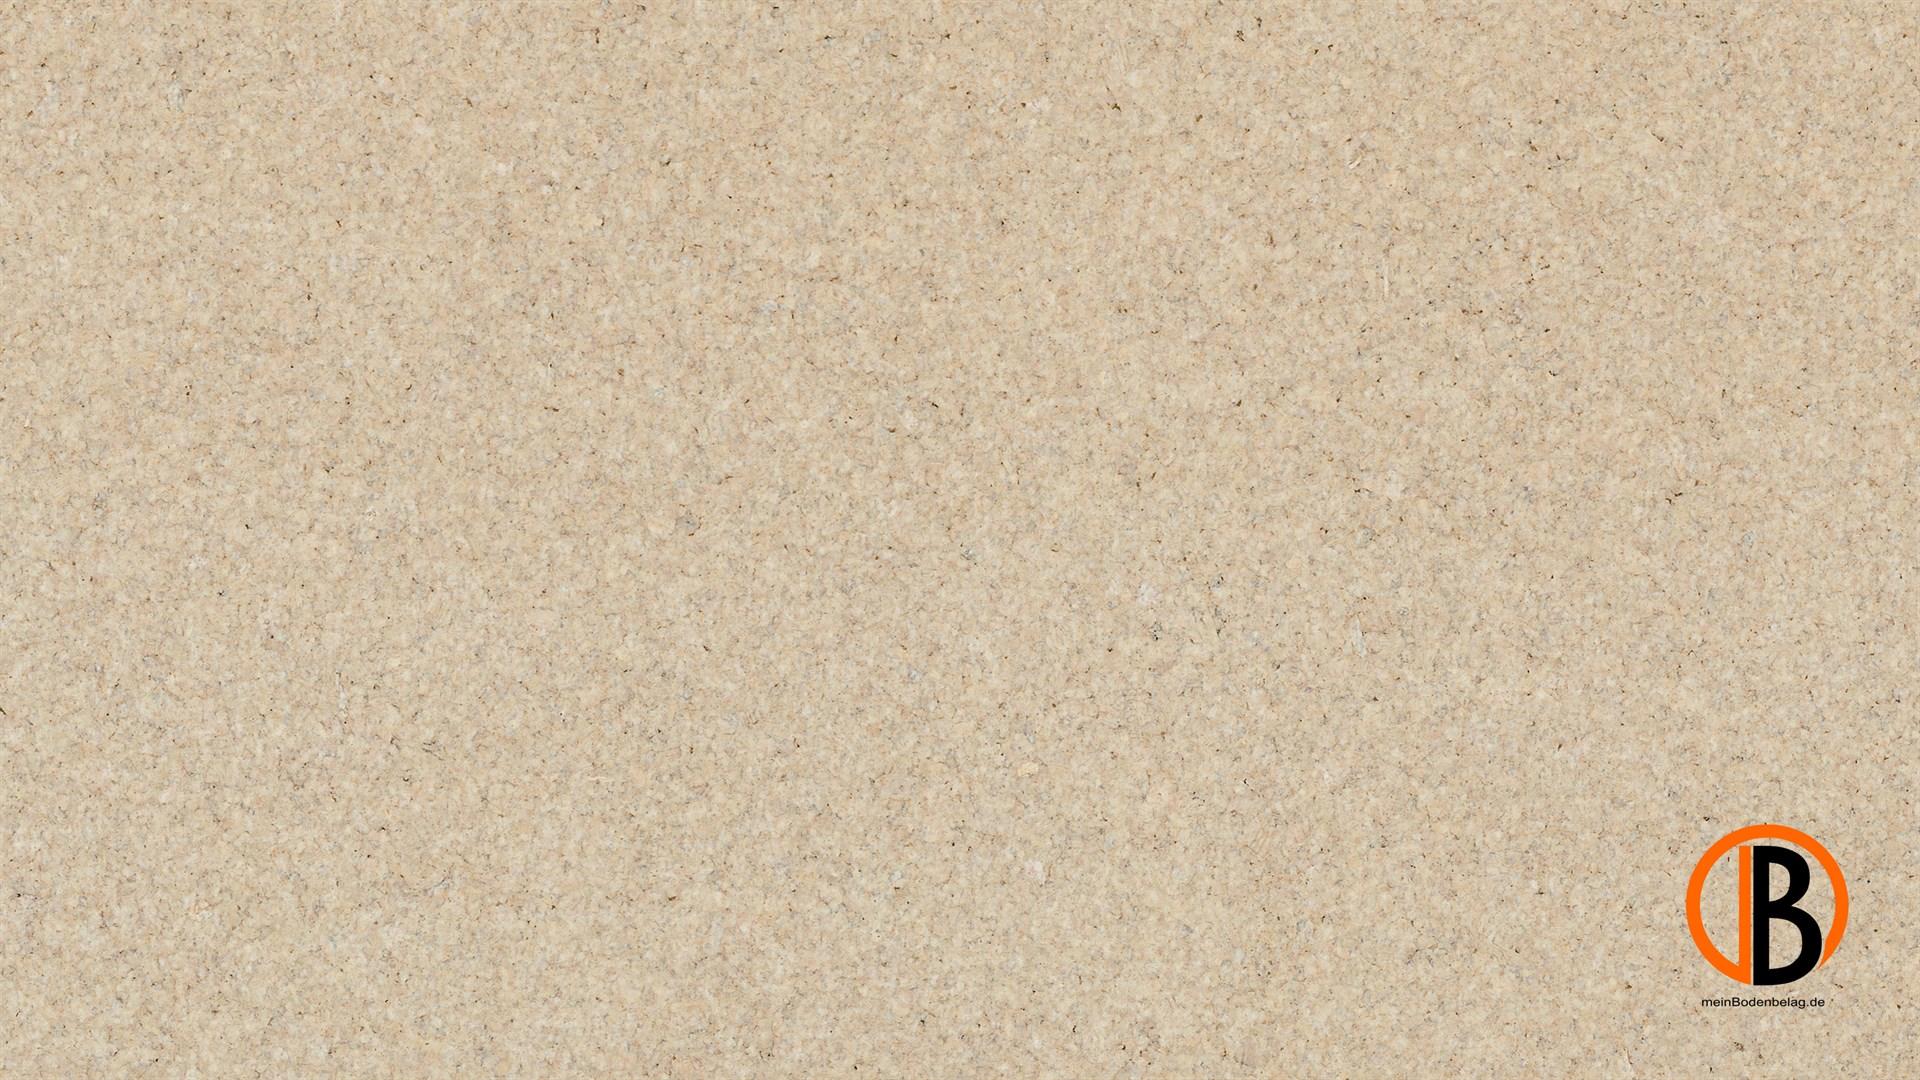 Korkfußboden Weiß ~ Schöner wohnen click korkboden norderneyu2013 kork fein weiß